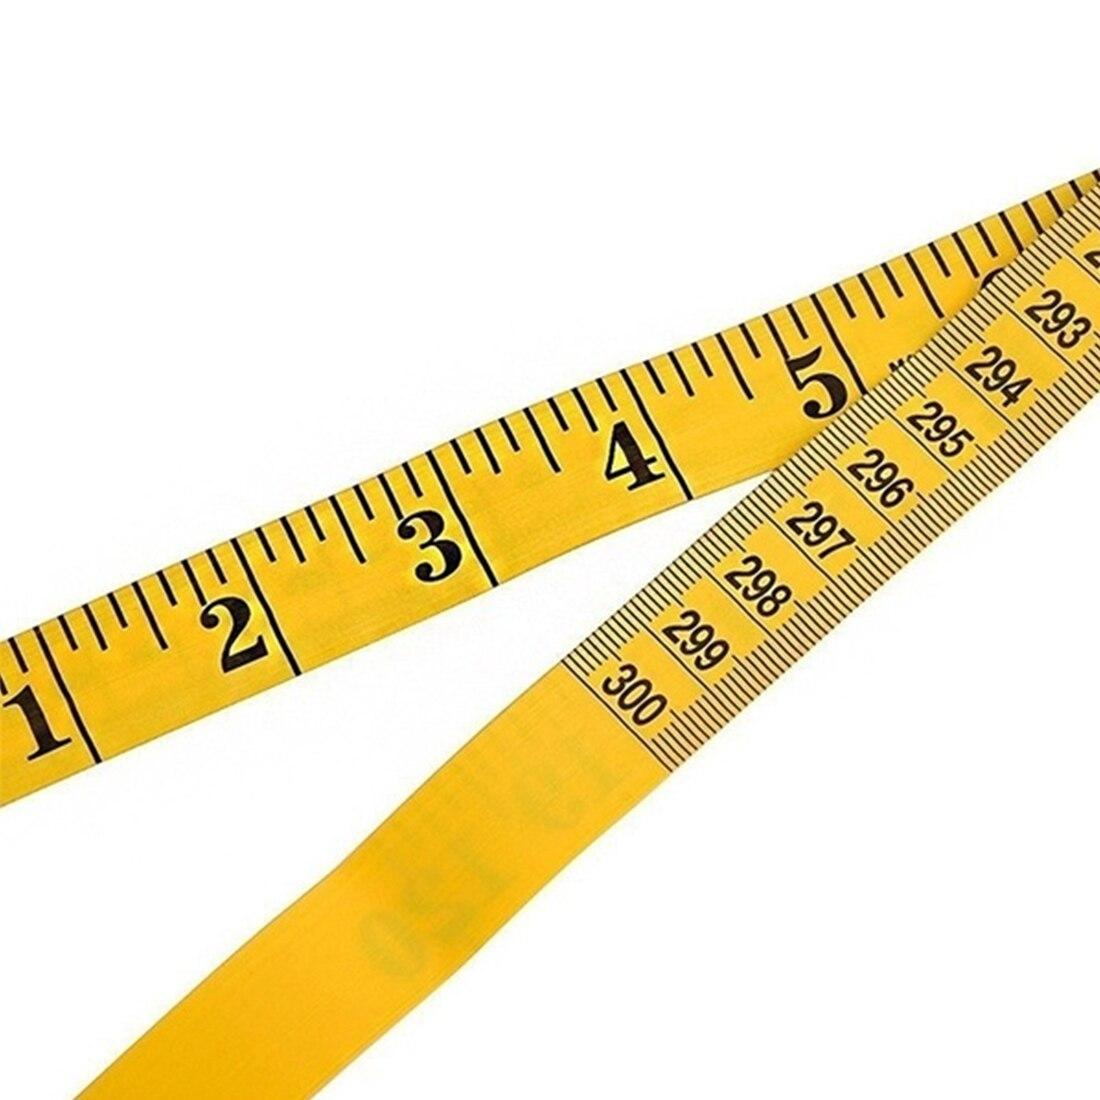 Одежда для пошива линейка швейная линейка прочная мягкая 3 метра 300 см швейная лента для портного тела измерительная линейка для изготовлен...